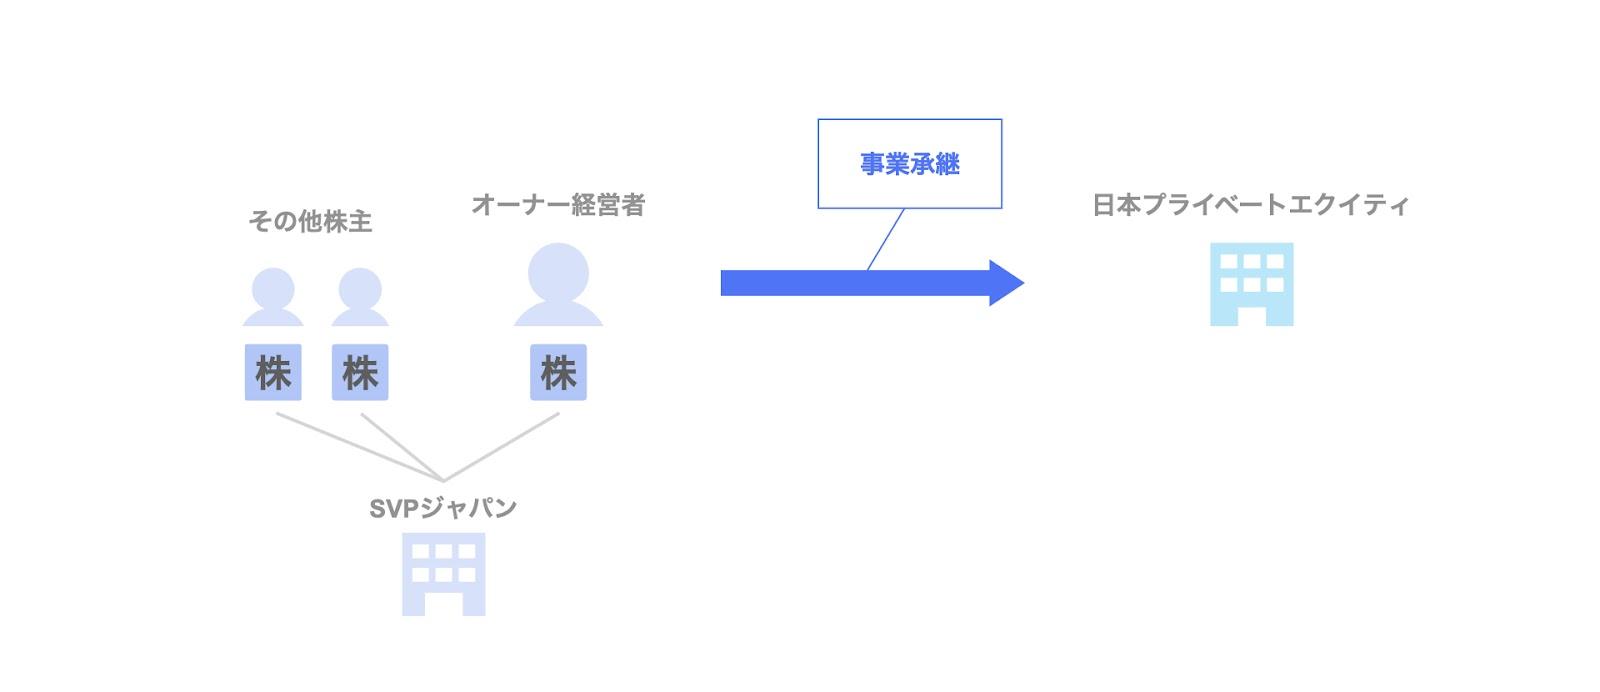 投資事例:日本プライベートエクイティによるSVPジャパンへの投資